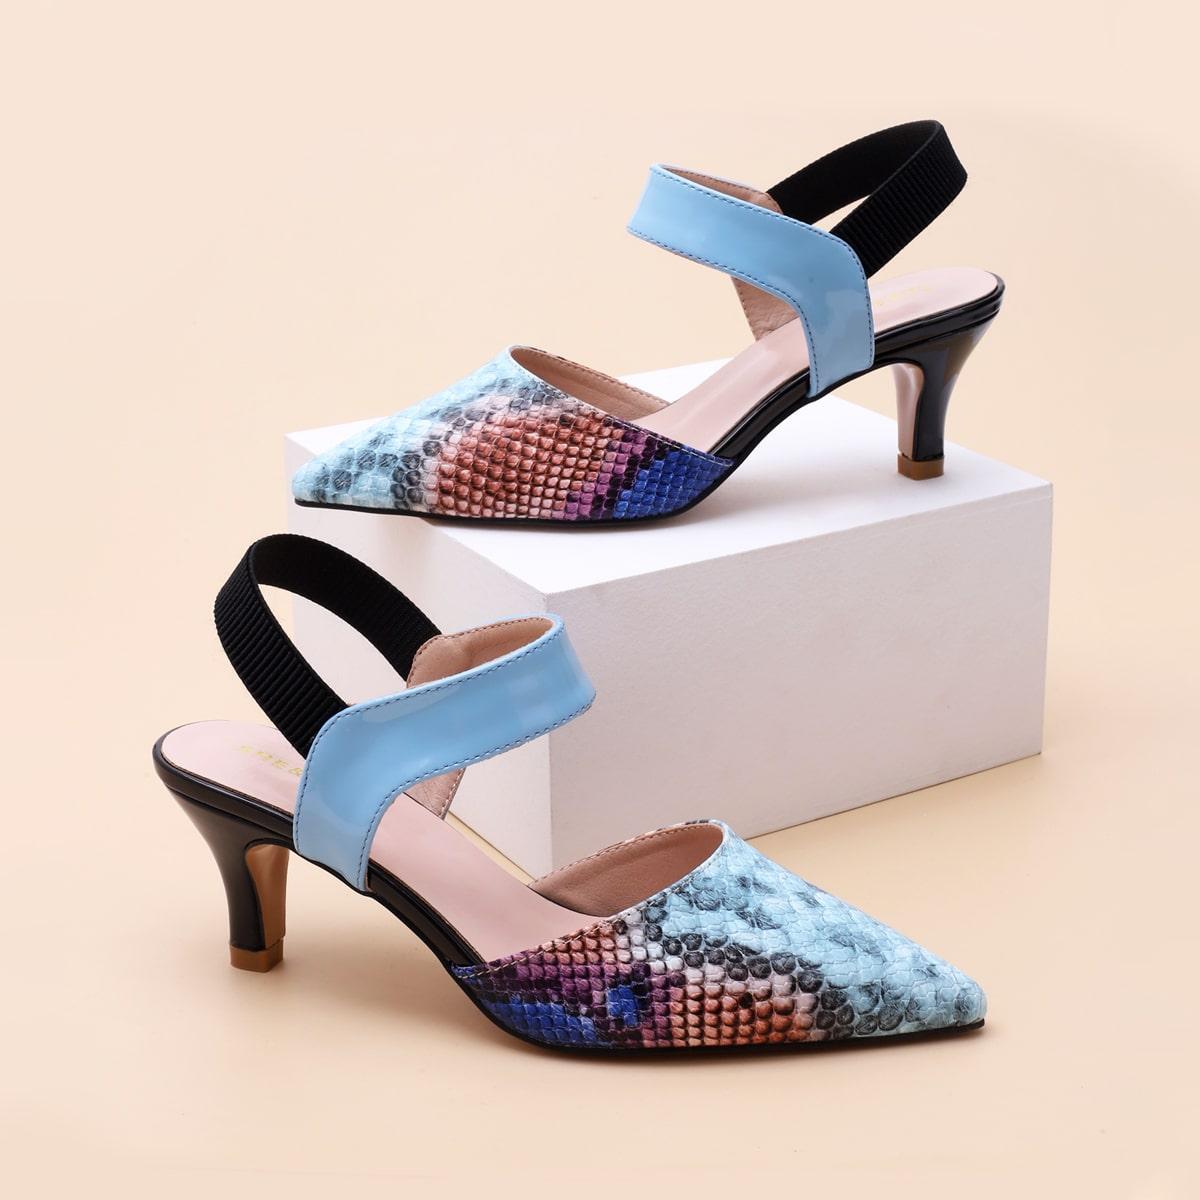 Остроконечные туфли на каблуках с змеиным принтом